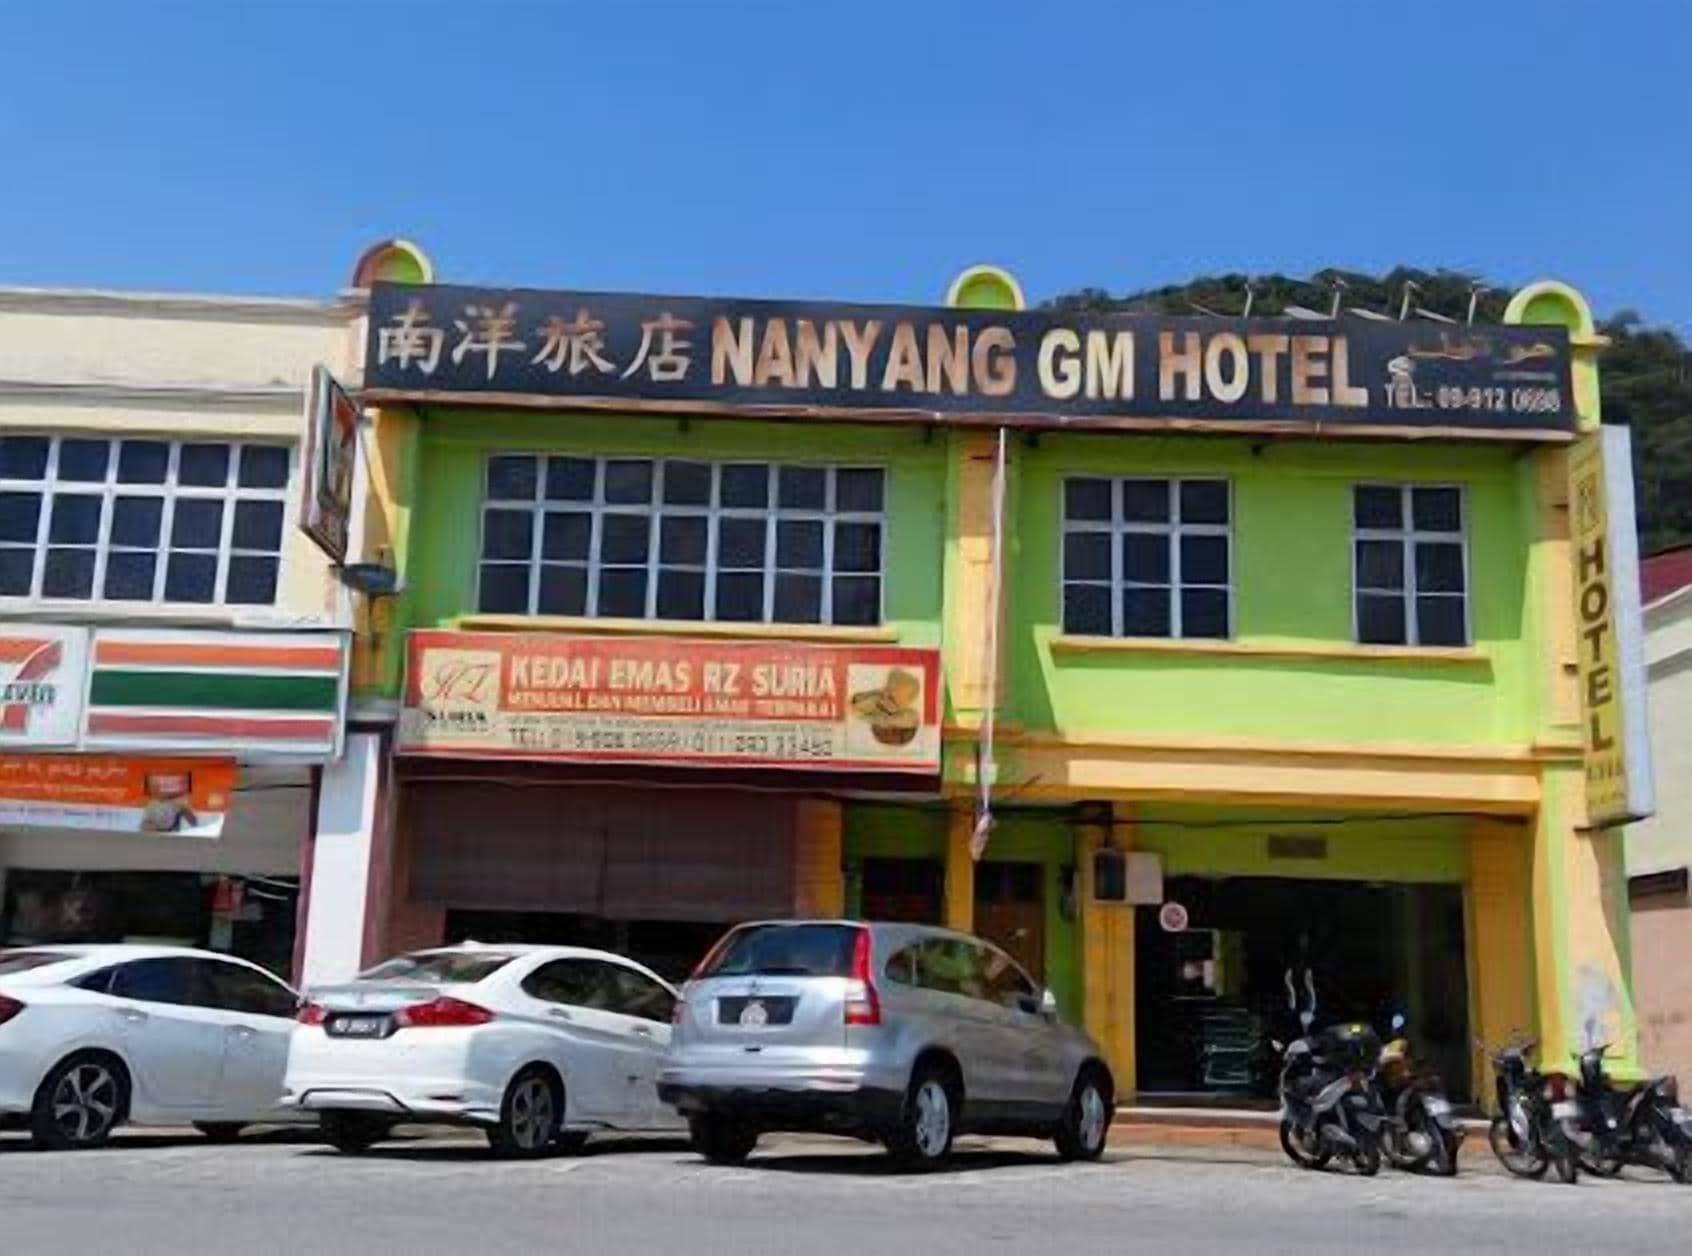 Nanyang GM Hotel, Gua Musang